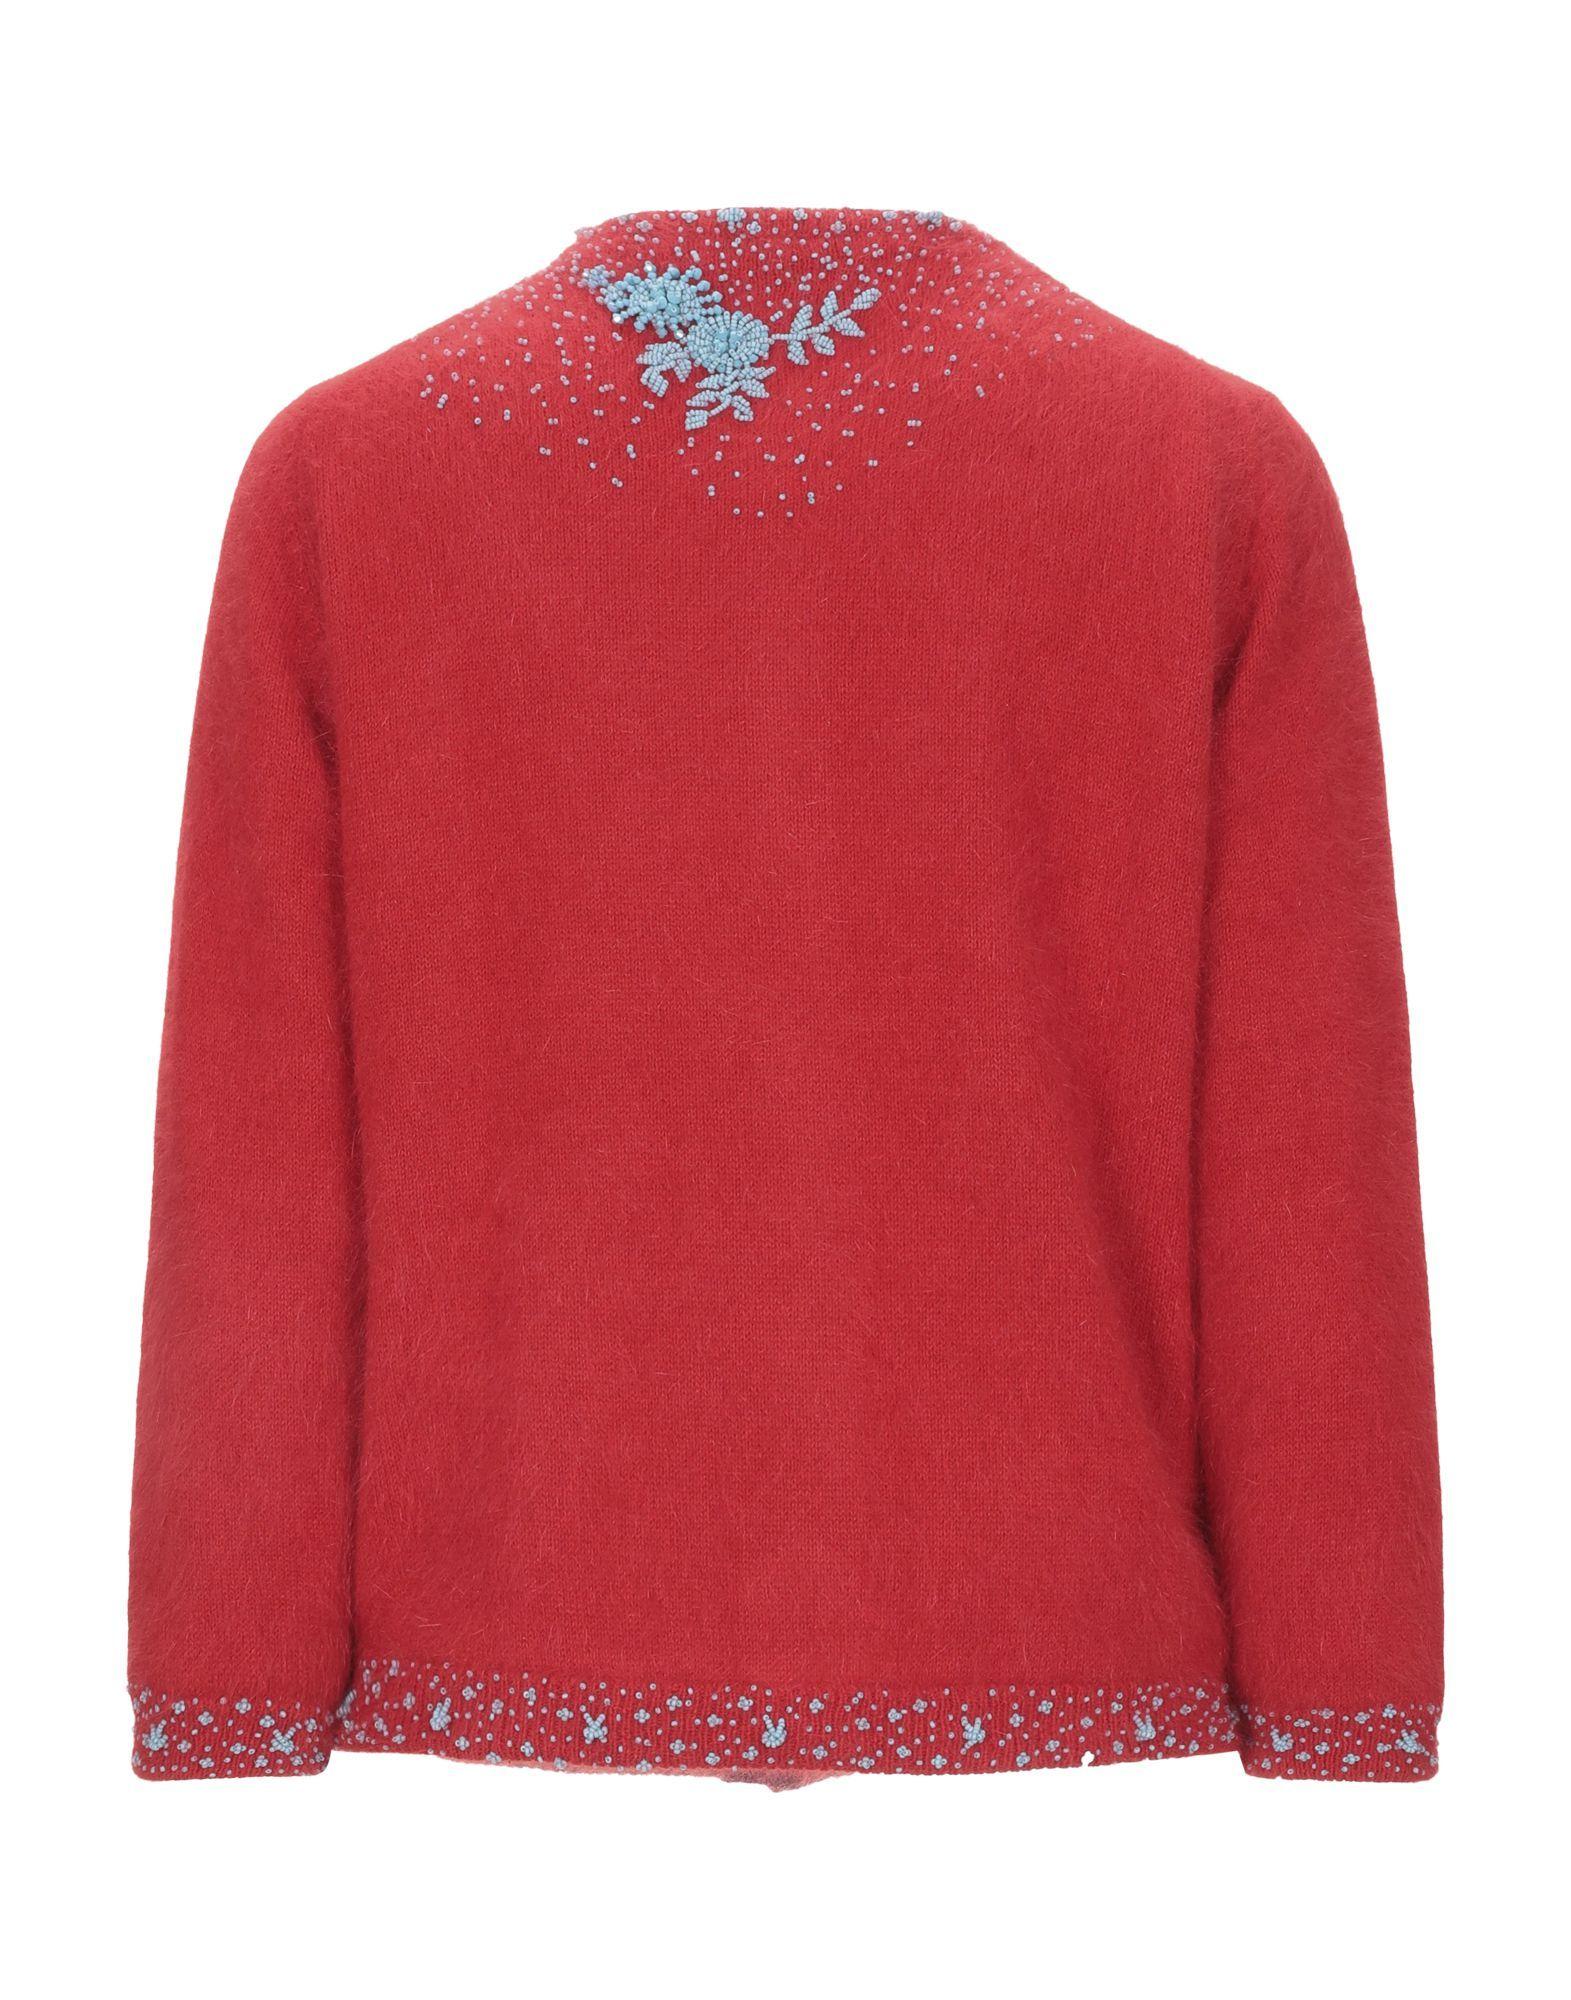 Prada Red Angora Knit Beaded Cardigan